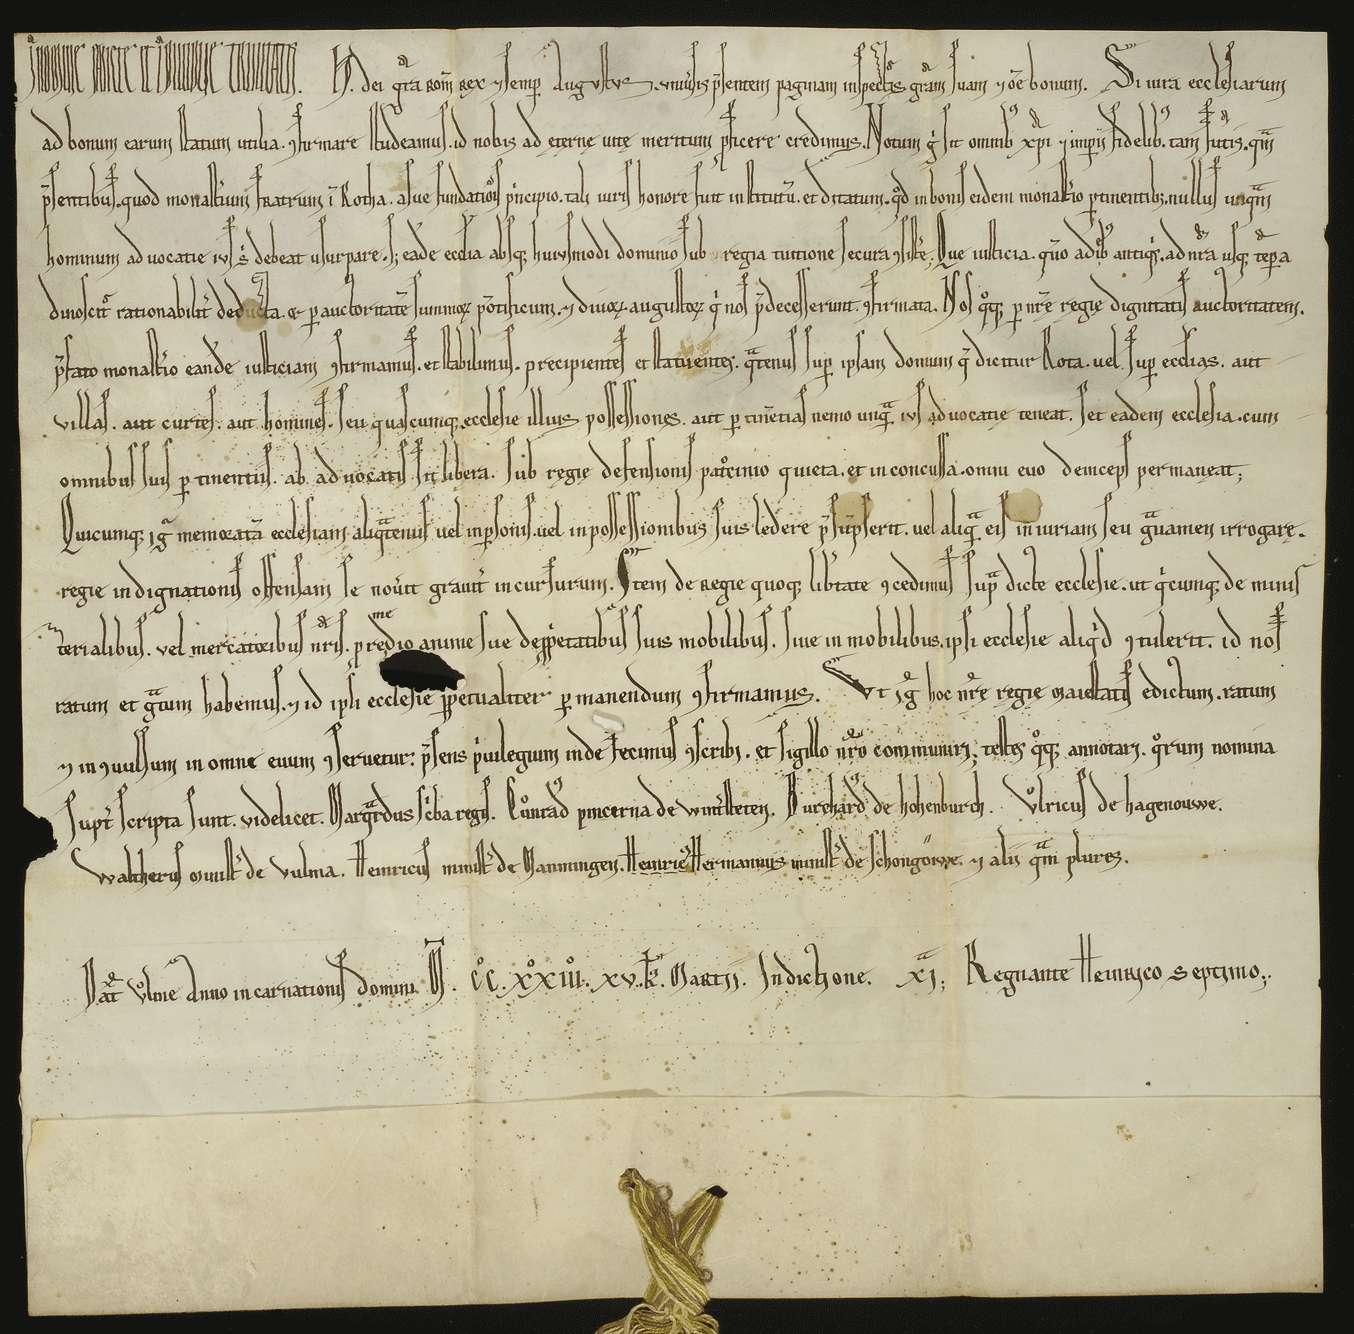 König Heinrich (VII.) nimmt das Kloster Rot in seinen unmittelbaren und ausschließlichen Schutz und genehmigt im Voraus was seine Dienstleute und Kaufleute an beweglichem und unbeweglichem Gute dahin stiften., Bild 1